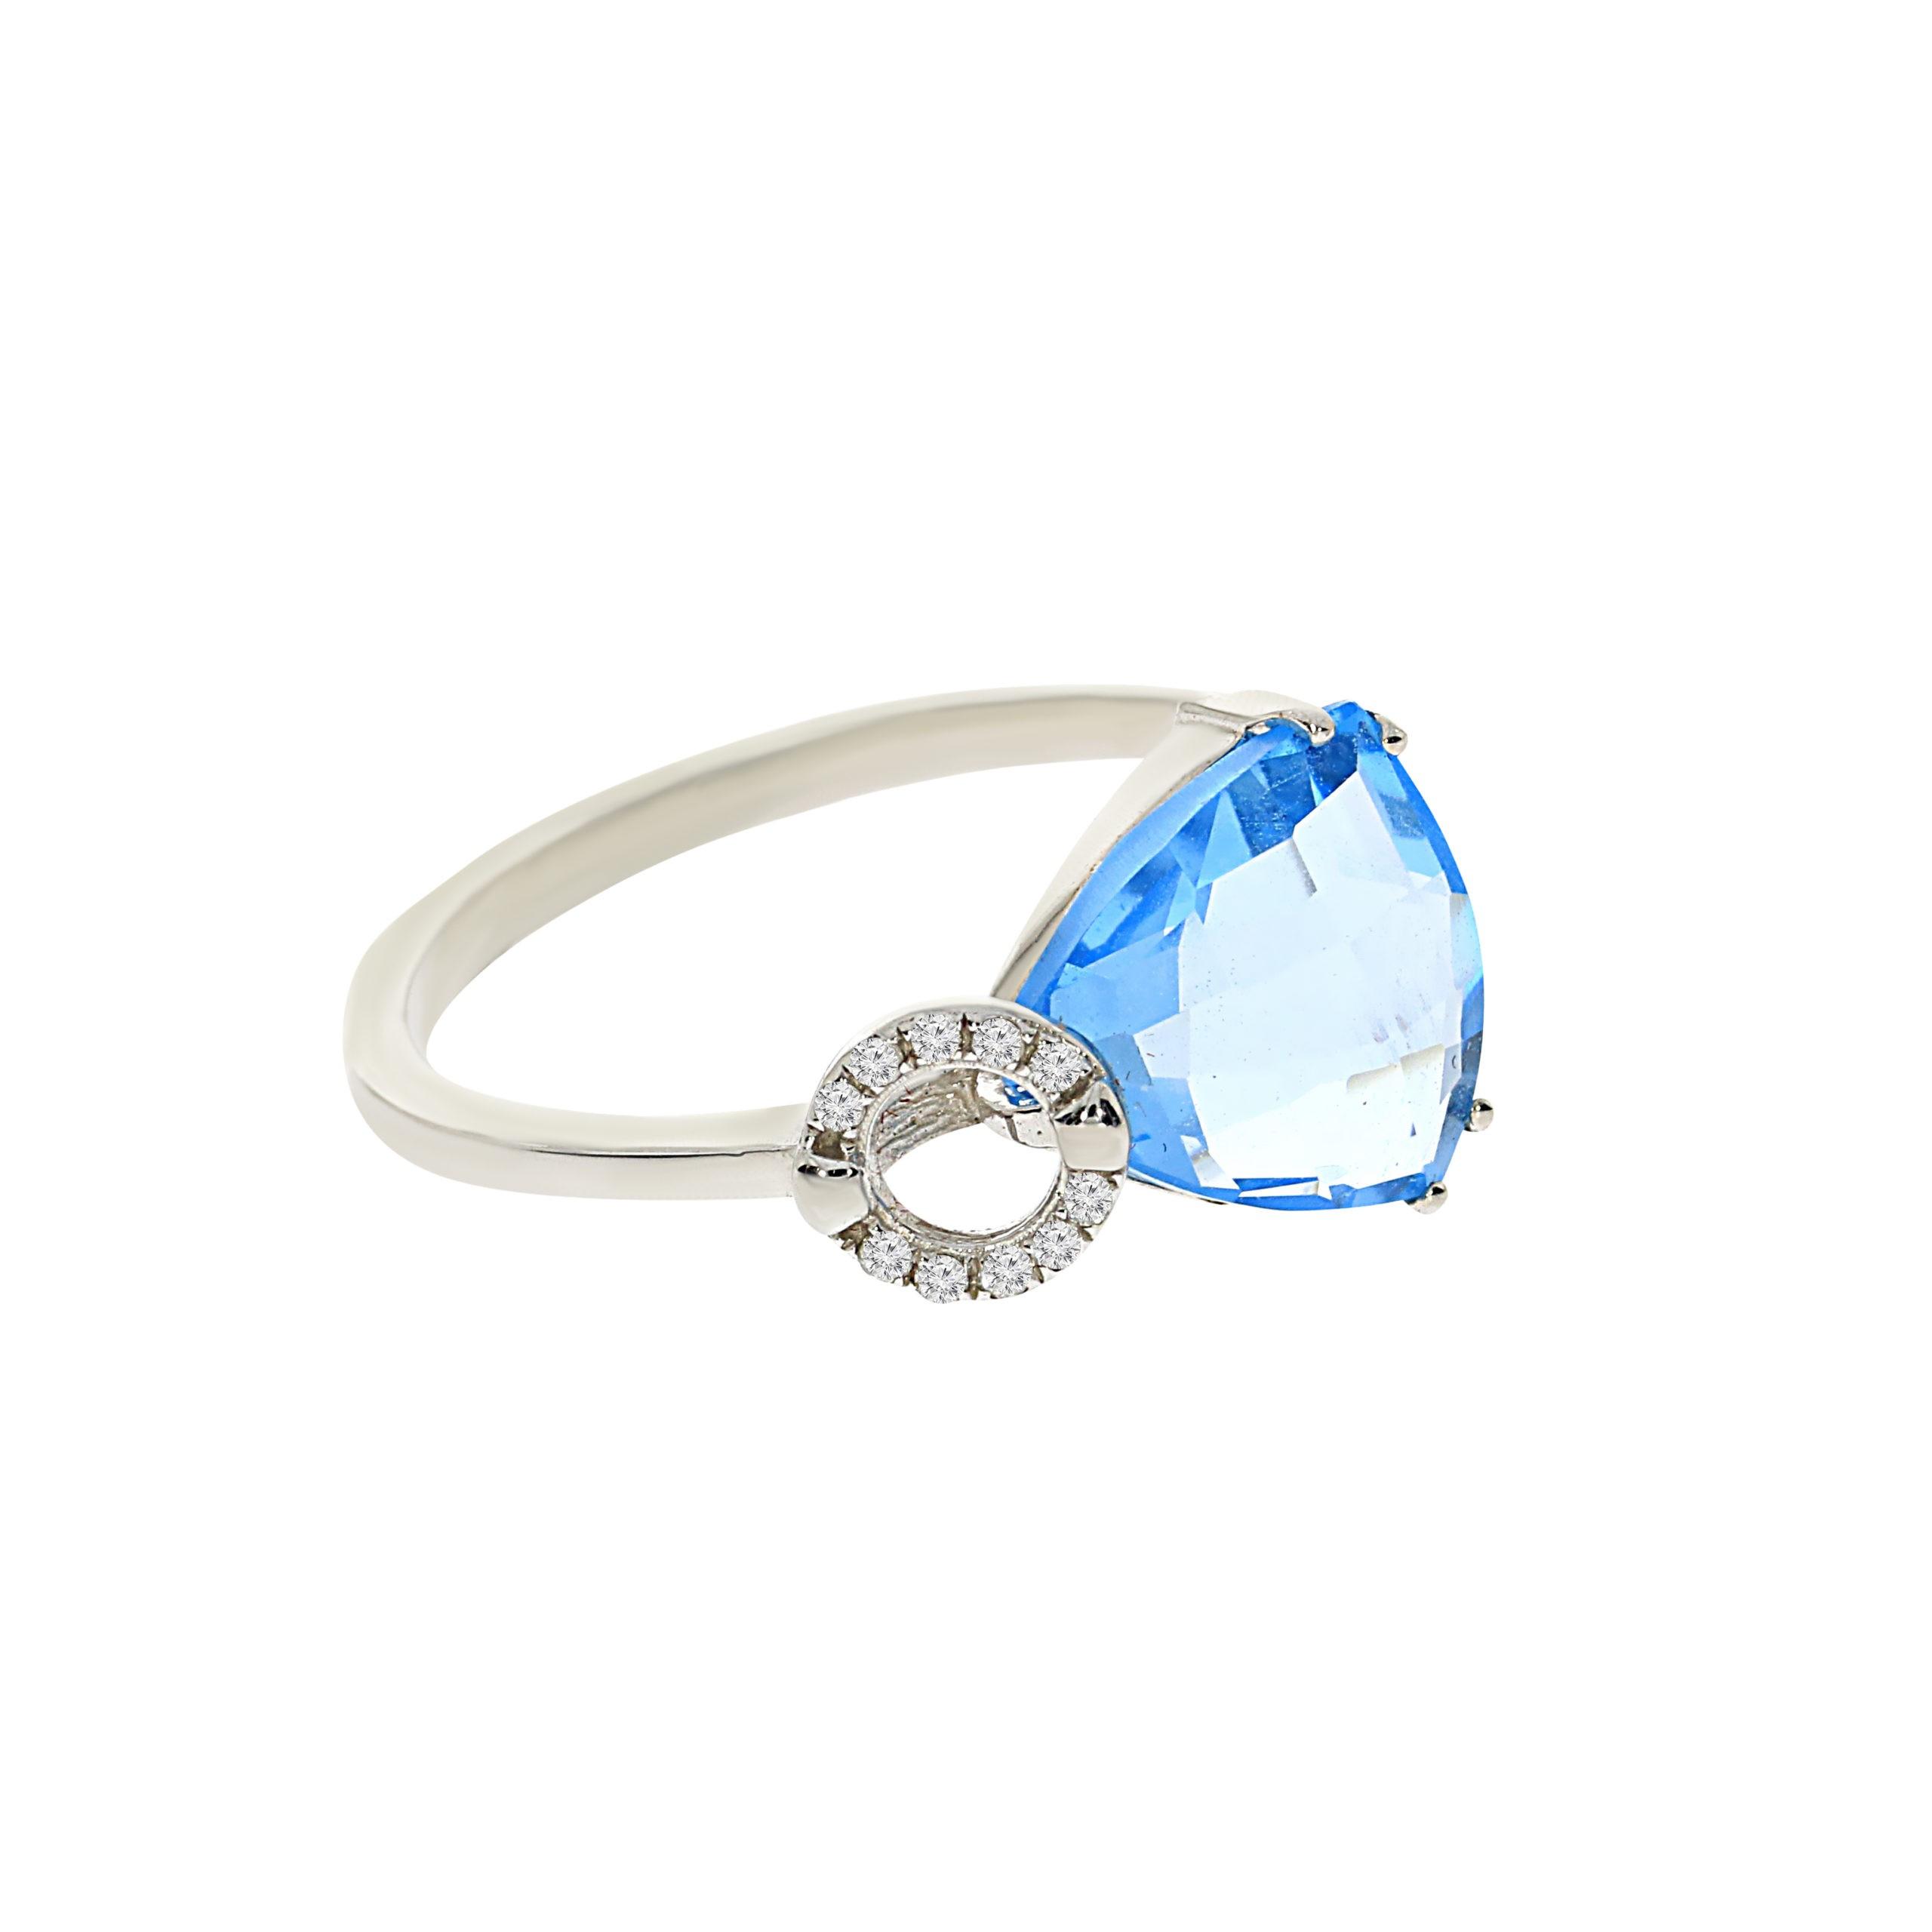 טבעת בלו טופז 2.73 קראט, זהב-לבן 14 קראט, בשיבוץ 0.02 קראט יהלומים